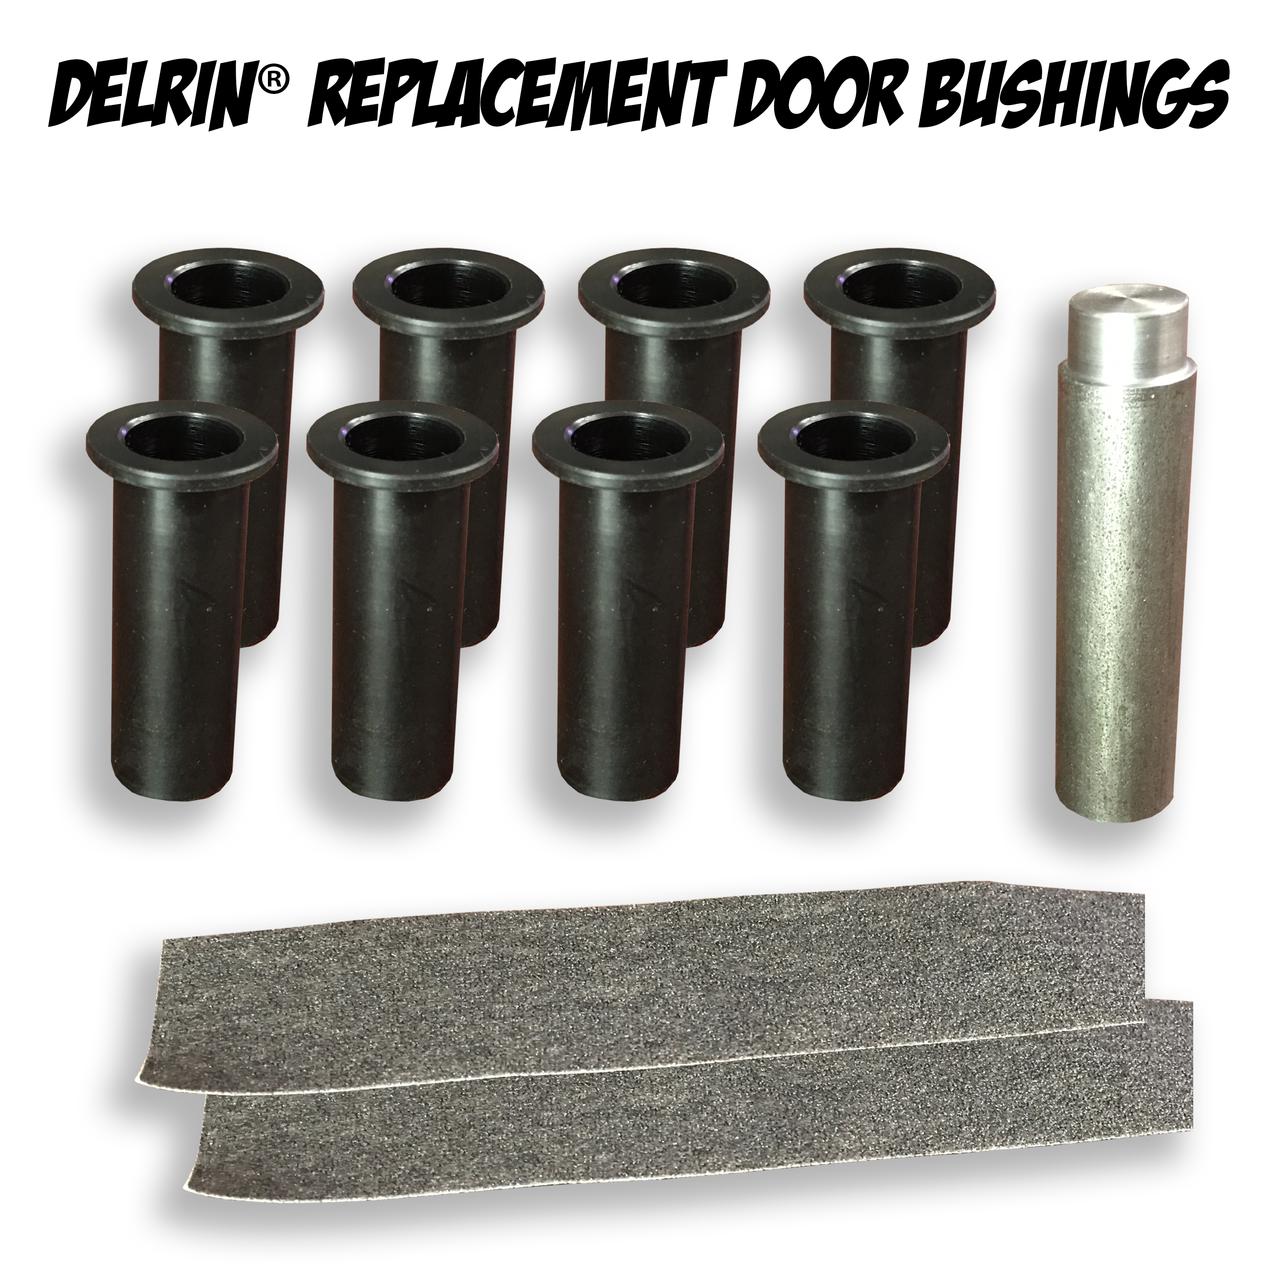 Delrin Replacement Door Bushing Kit for Jeep Wrangler JK 4 Door